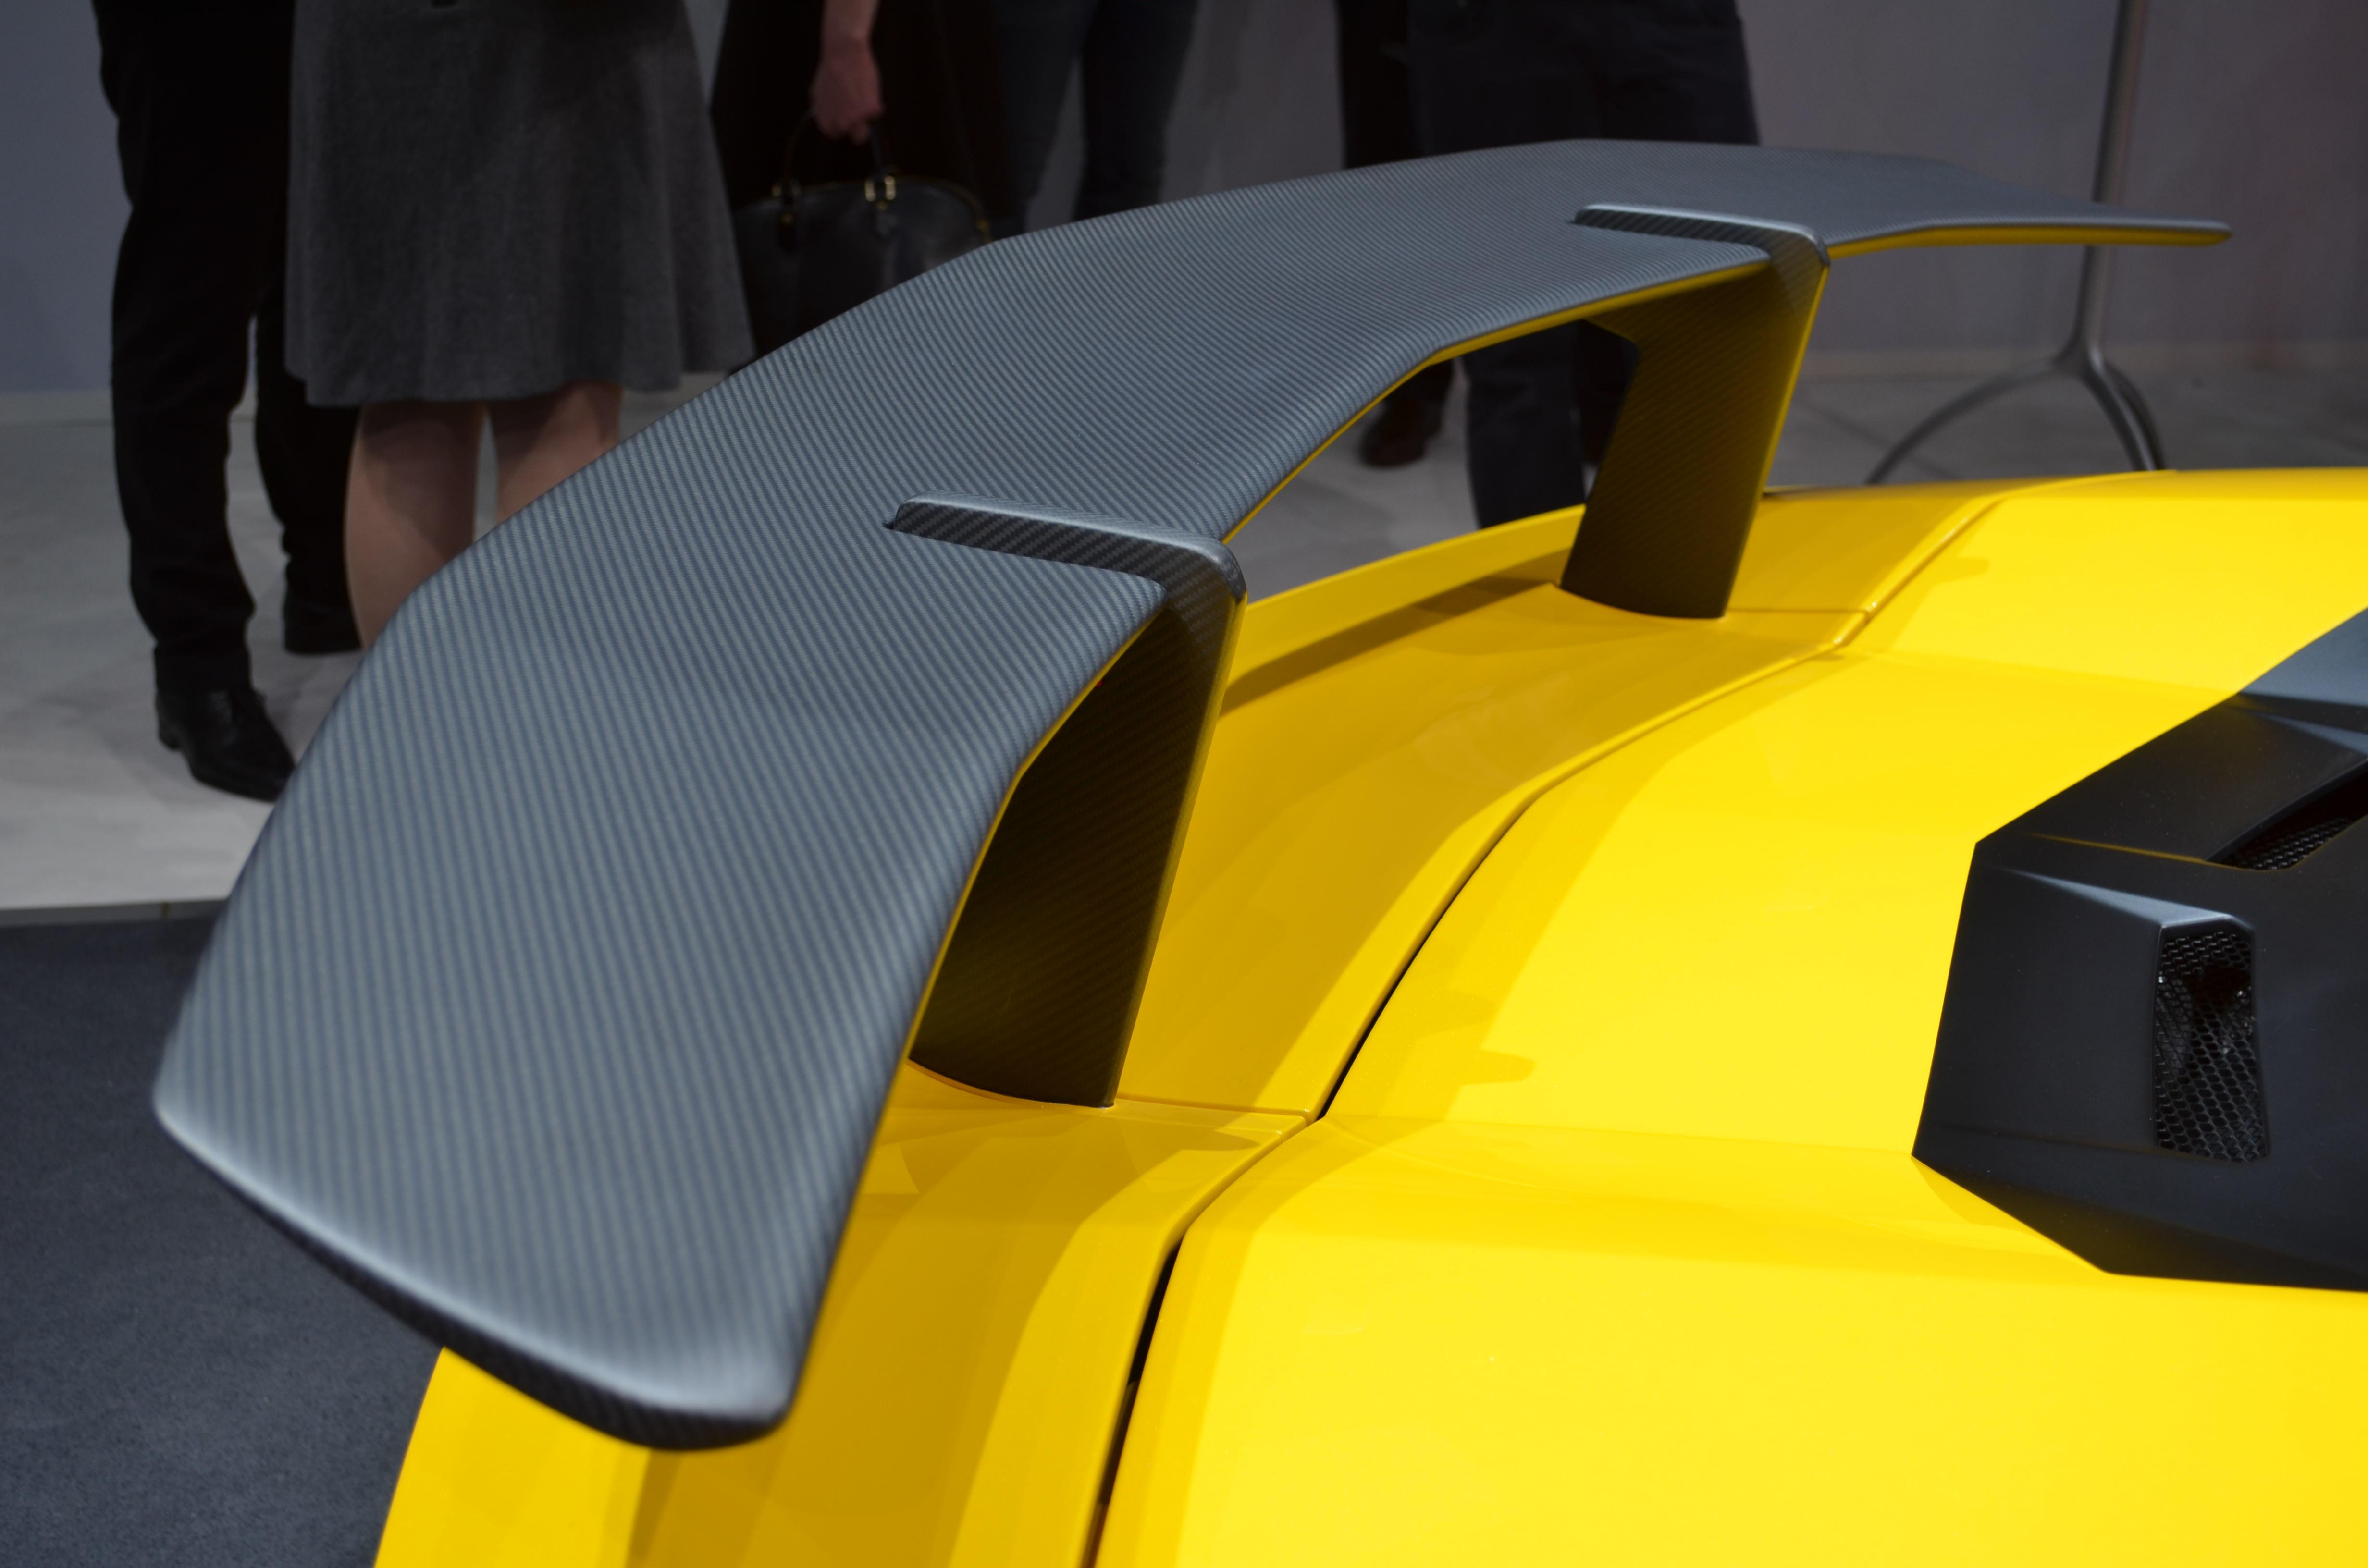 Lamborghini-Aventador-SV-7